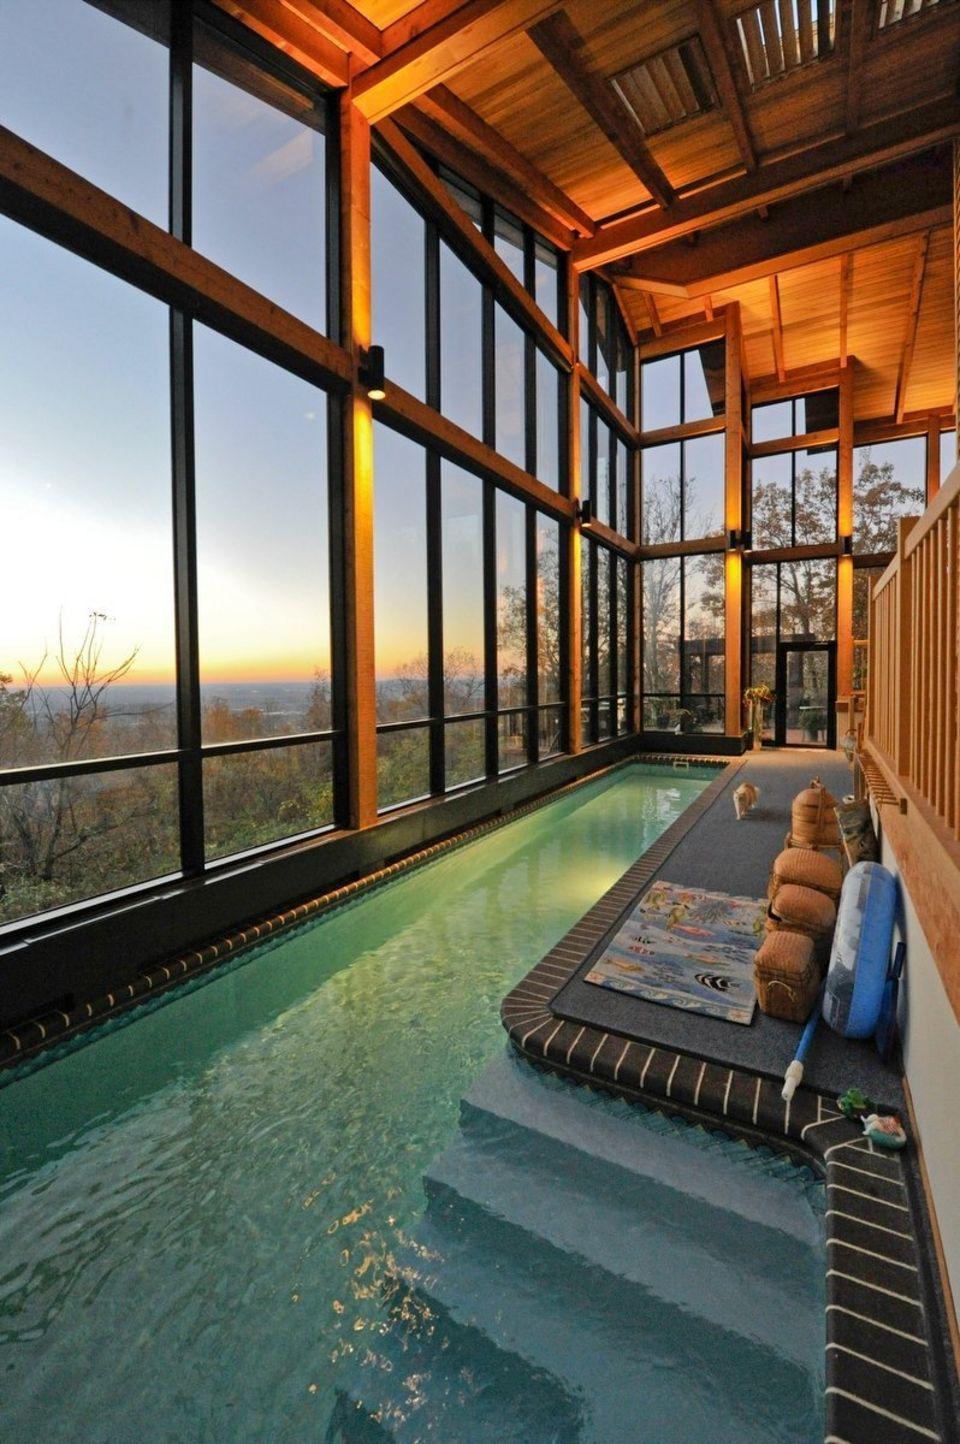 Top 23 Sunroom Decorating Ideas In 2020 Indoor Swimming Pool Design Indoor Swimming Pools Backyard Getaway